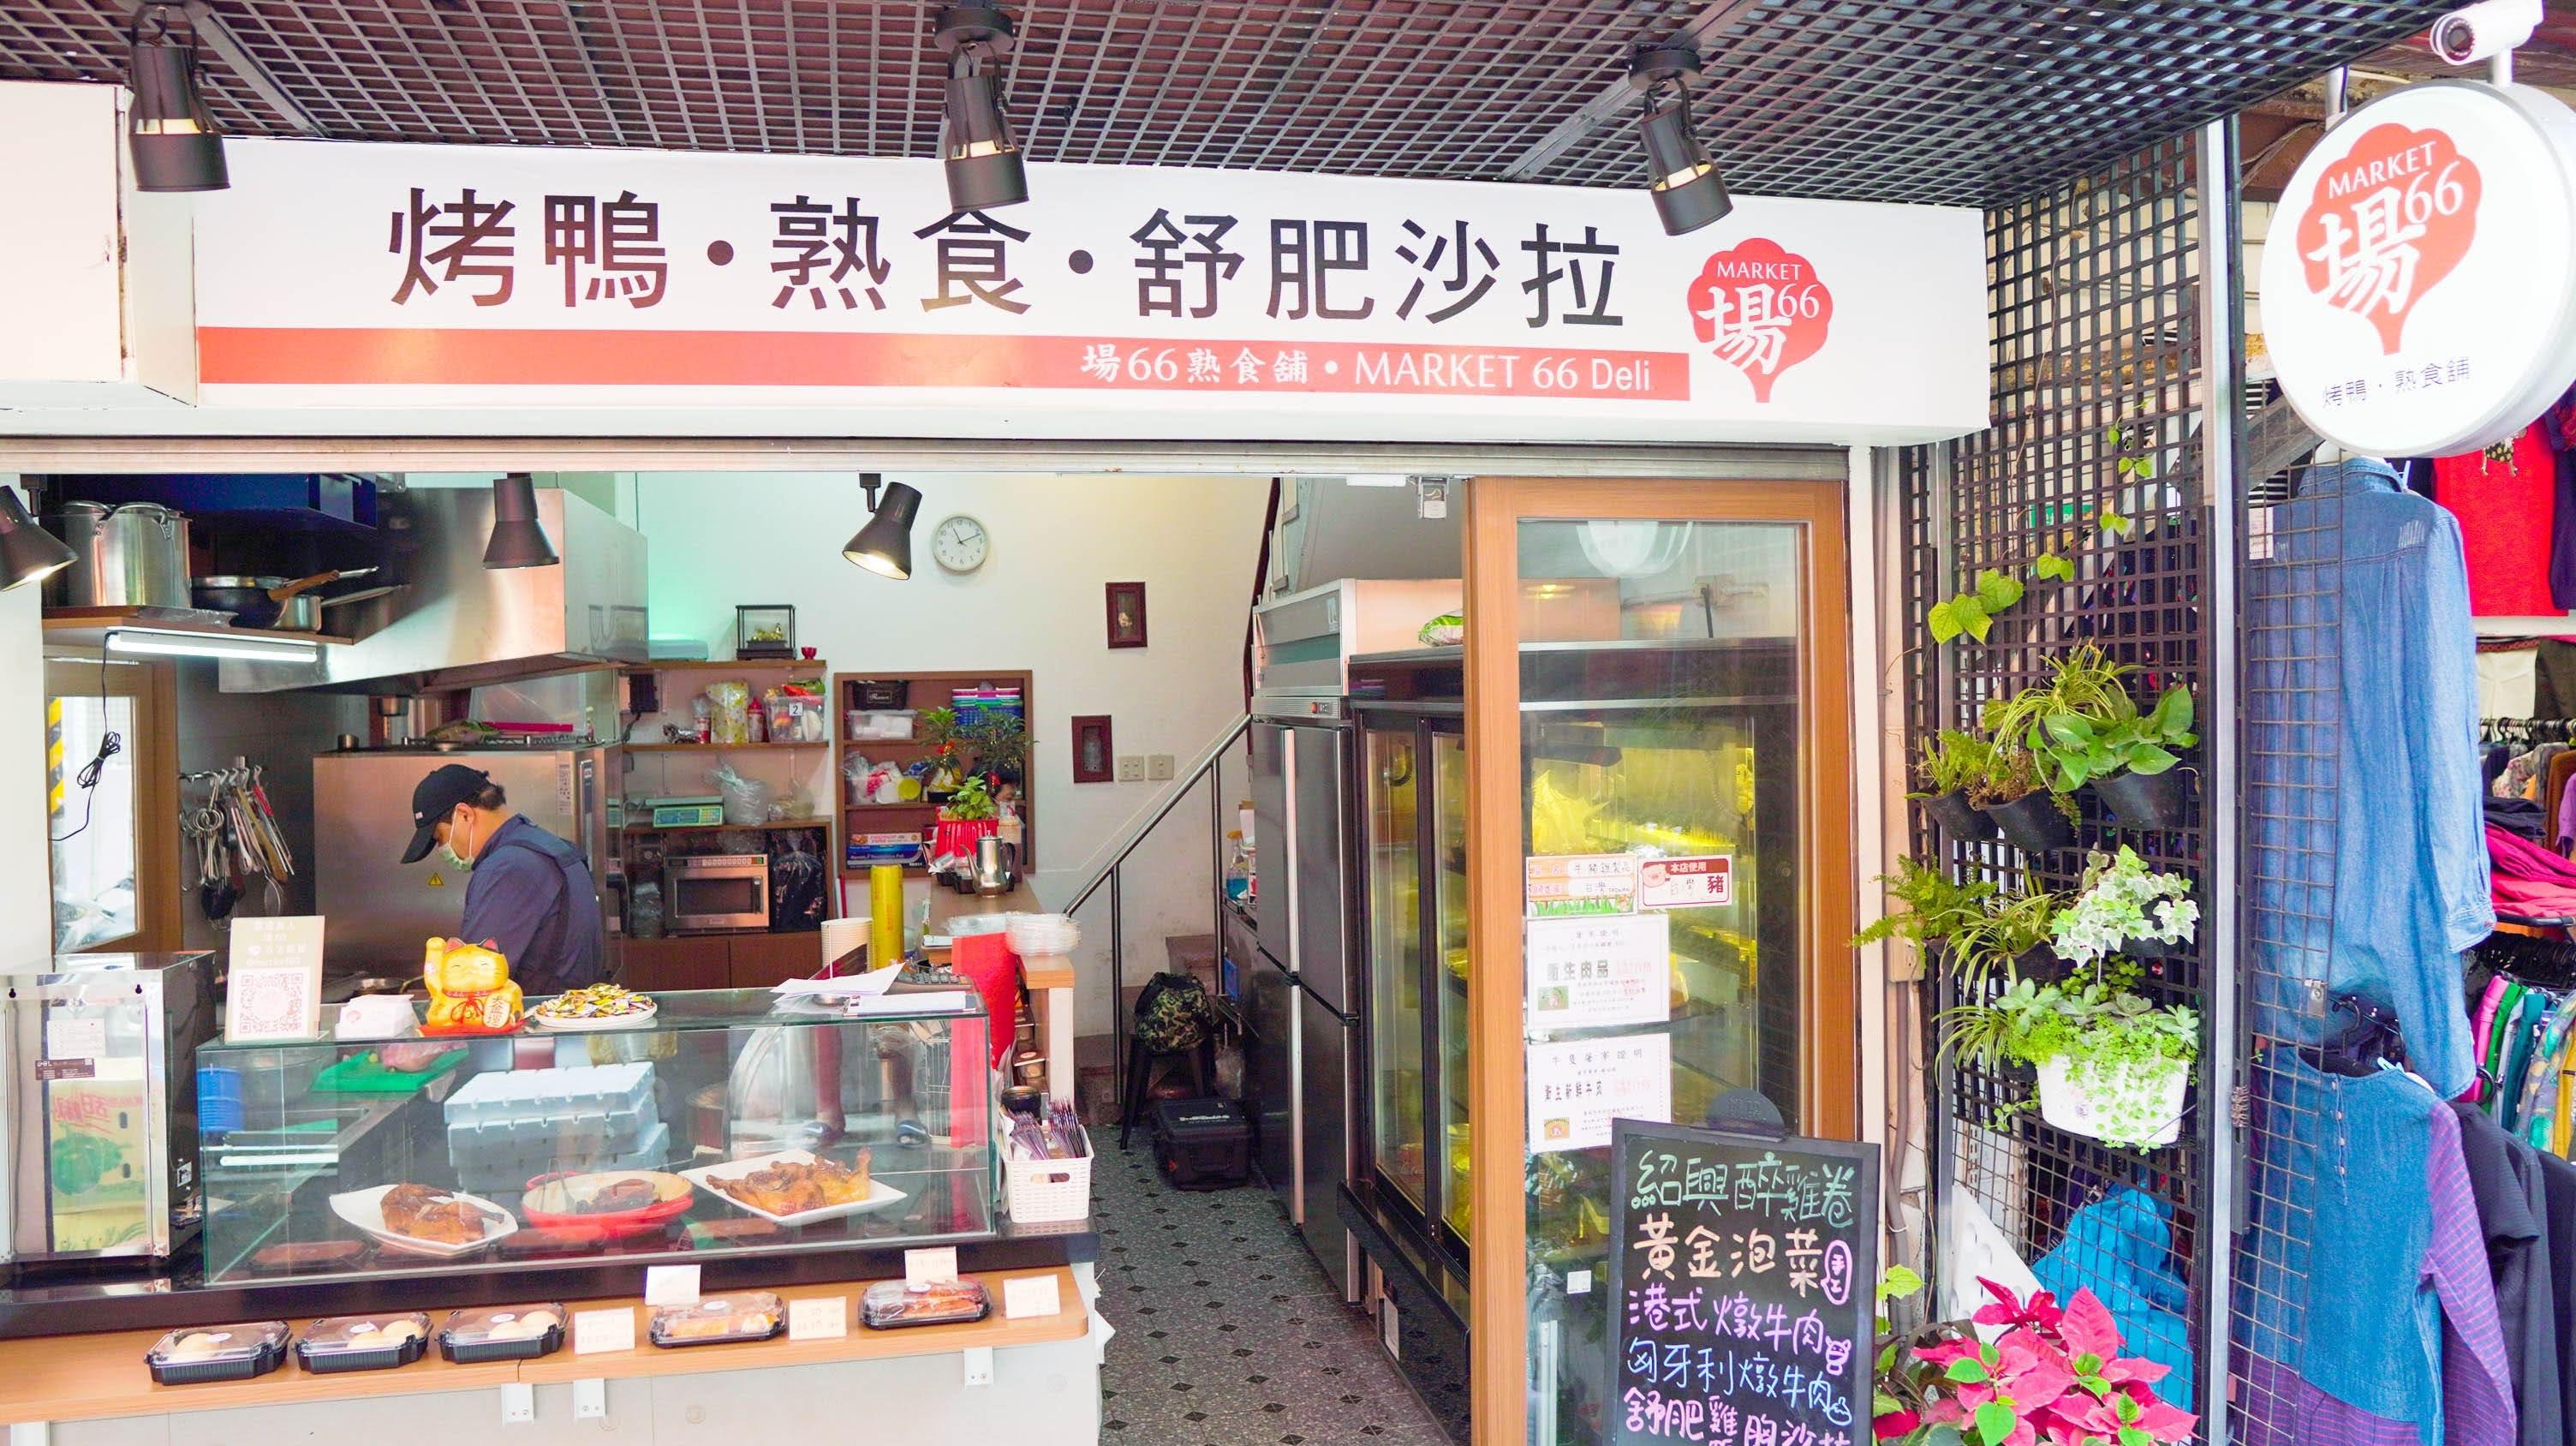 場66烤鴨熟食鋪,烤鴨,港式燒臘,叉燒,烤雞,水仙宮市場